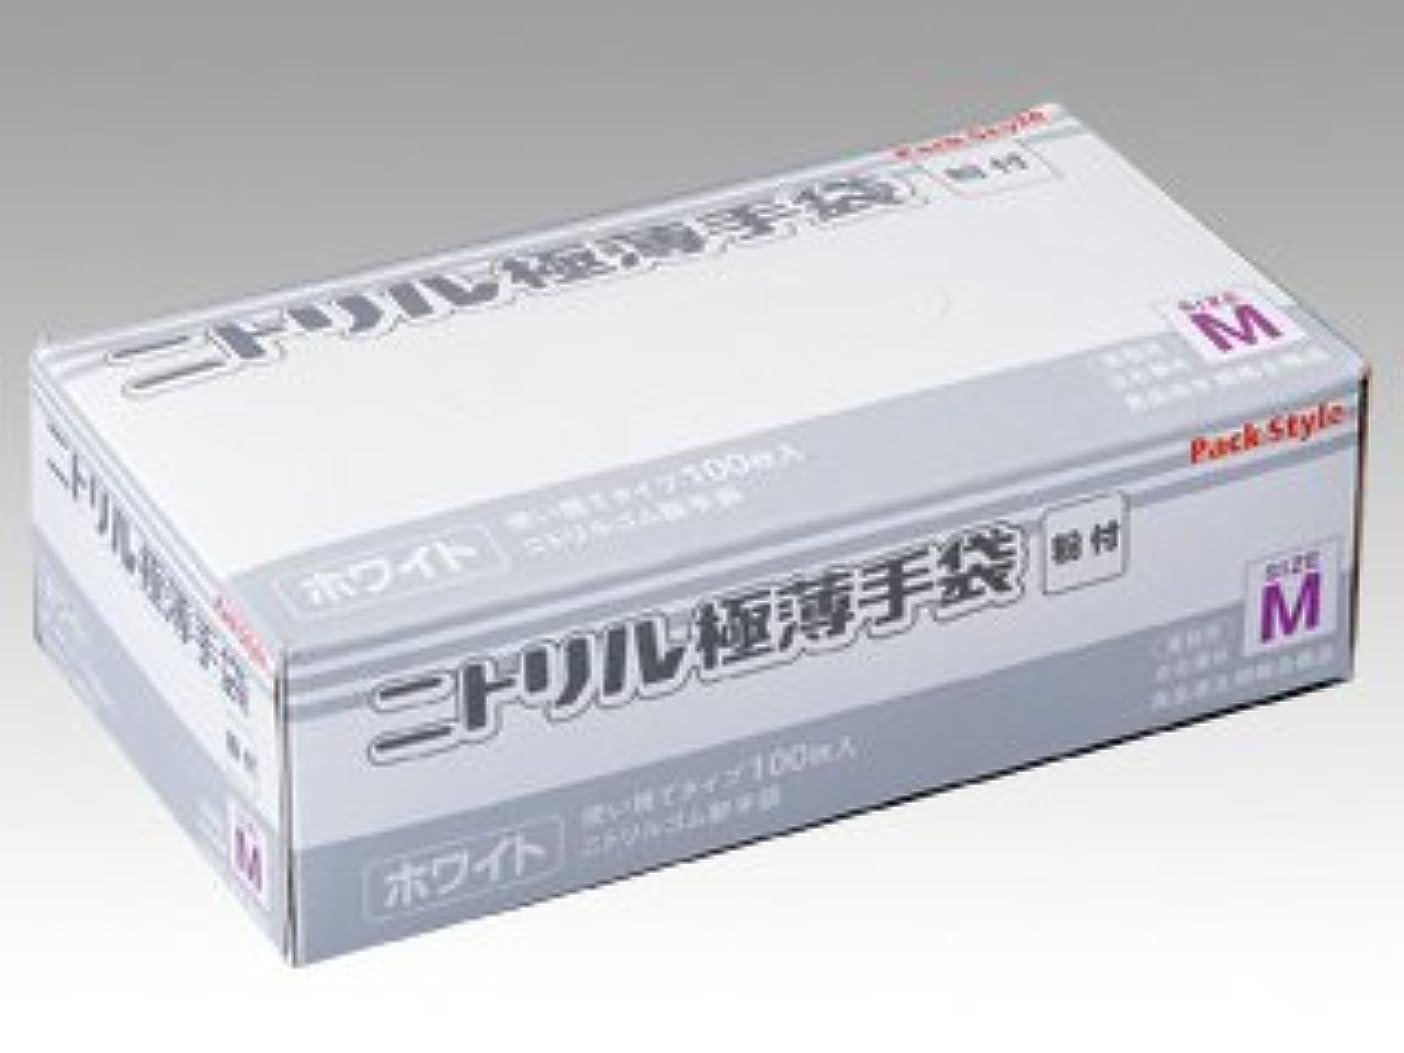 終了しました材料拾う【PackStyle】ニトリル手袋 粉付 白 M